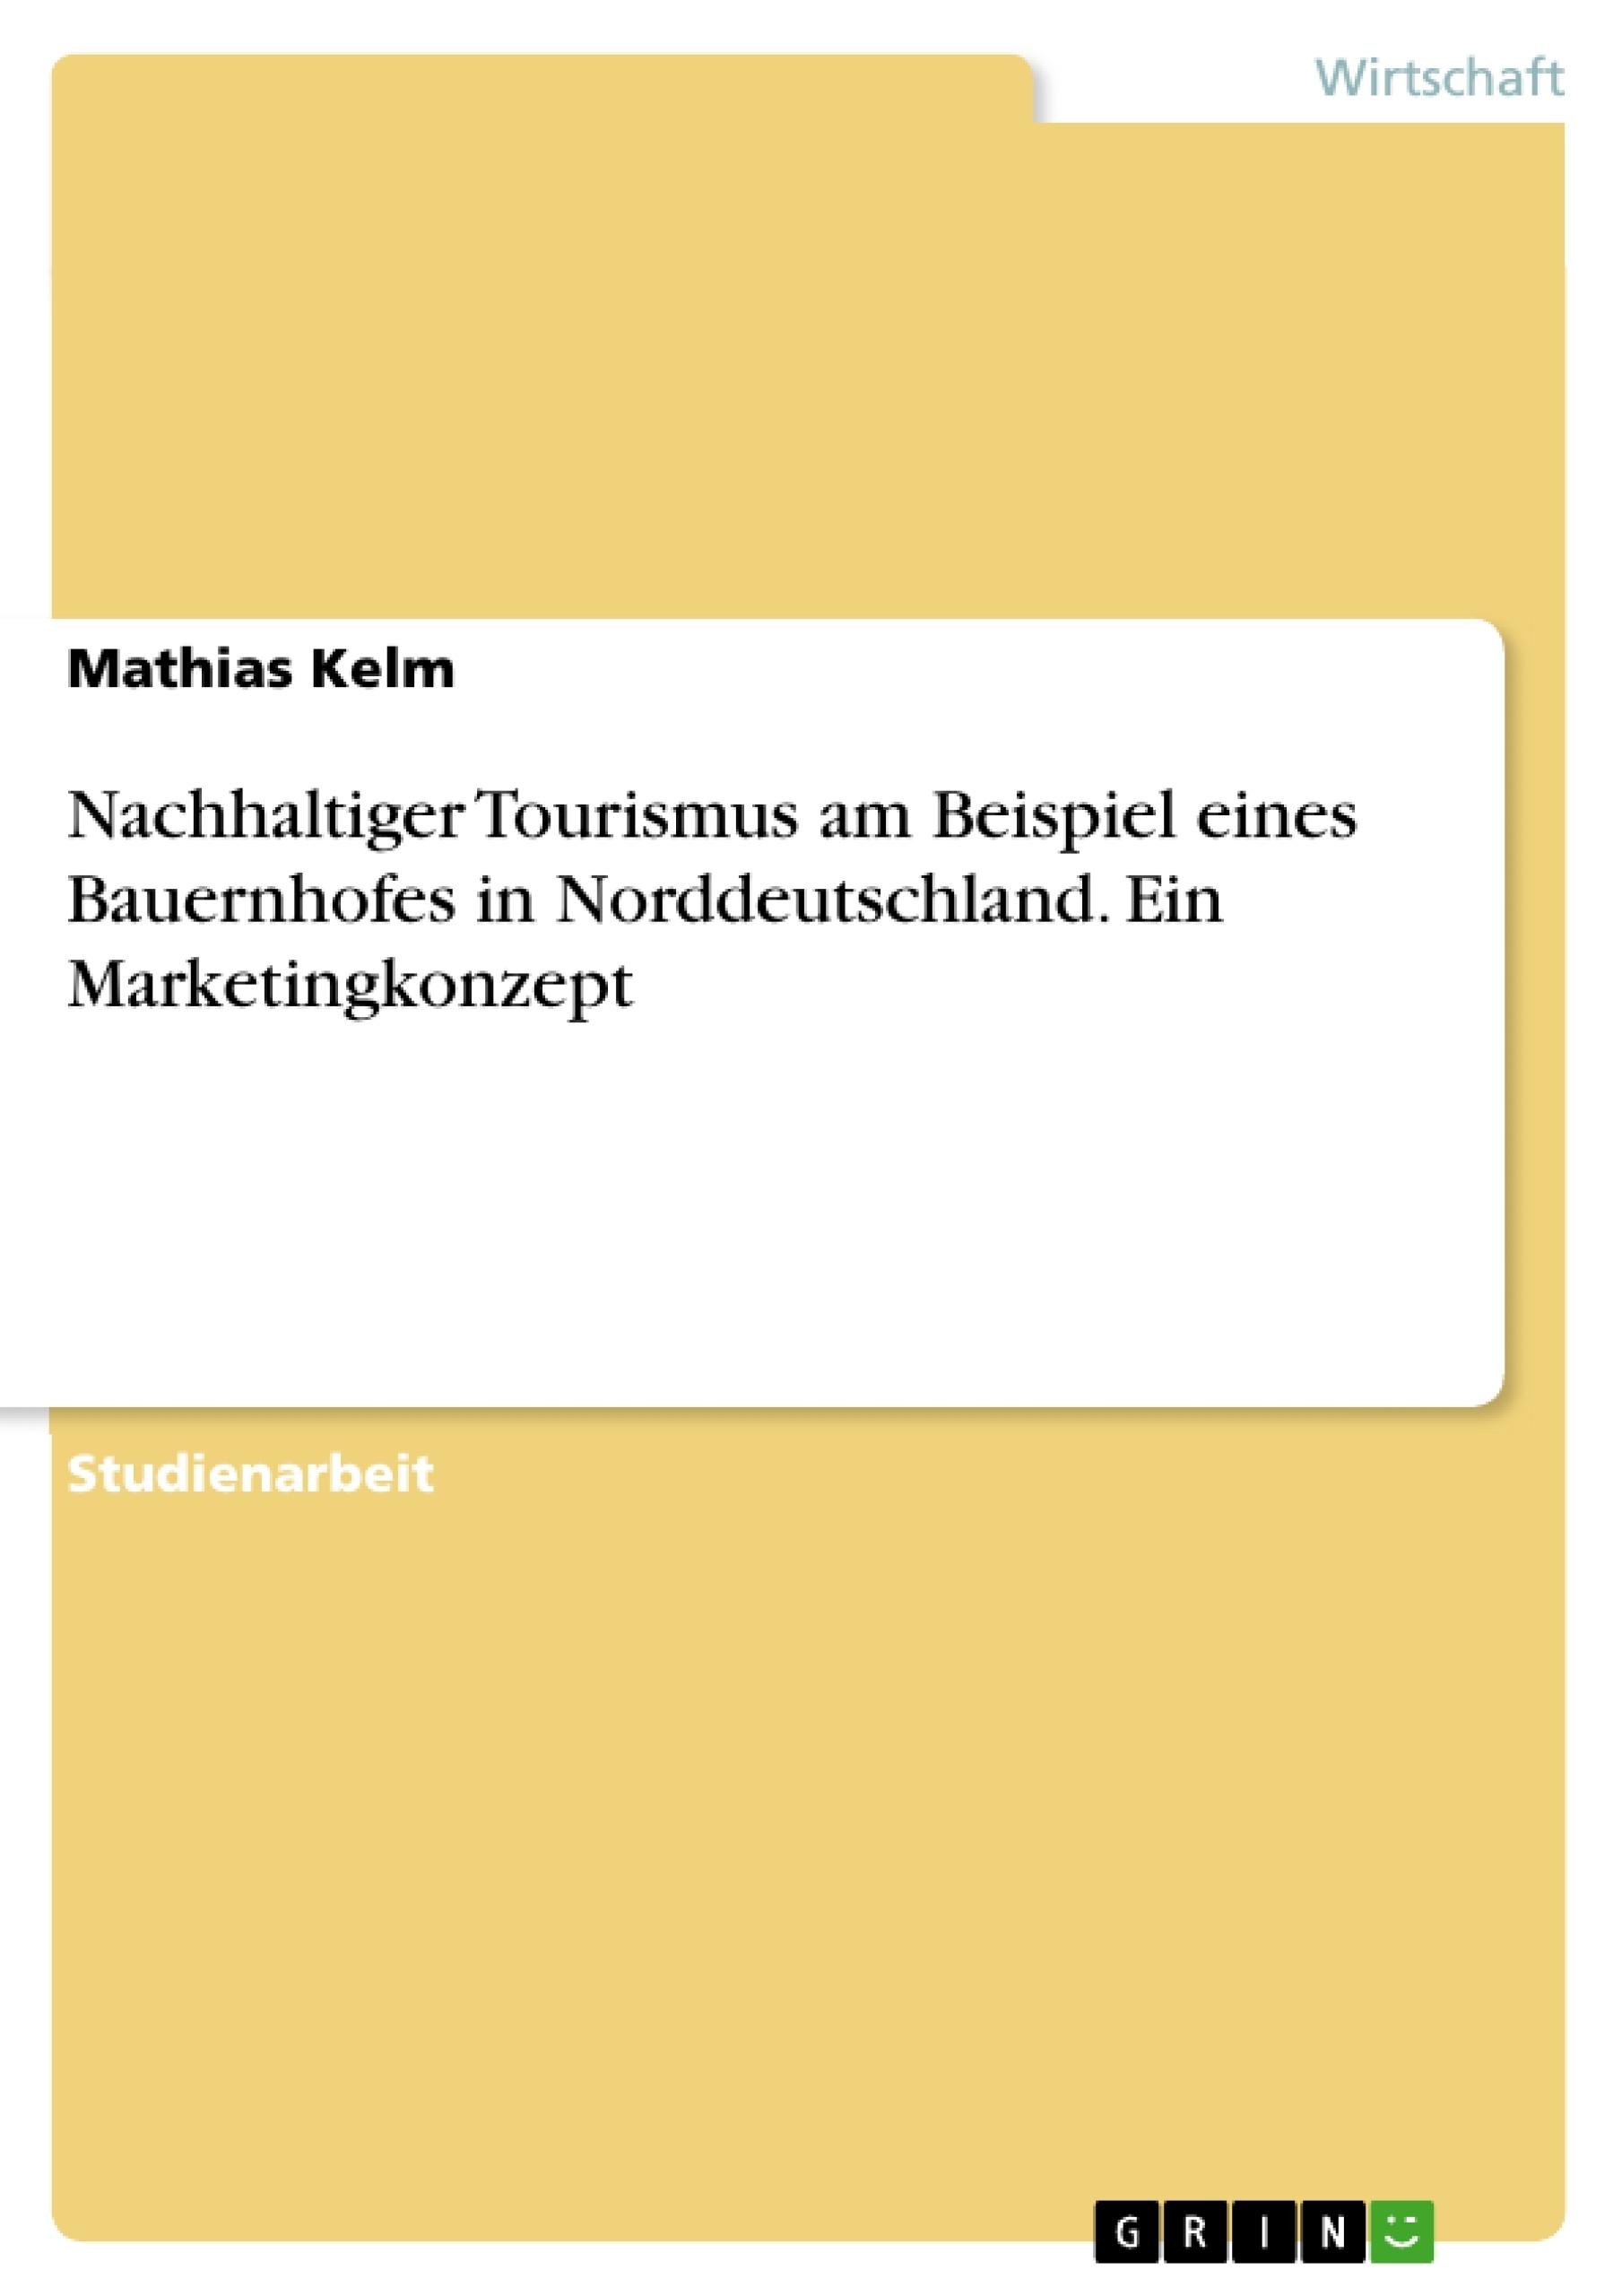 Titel: Nachhaltiger Tourismus am Beispiel eines Bauernhofes in Norddeutschland. Ein Marketingkonzept